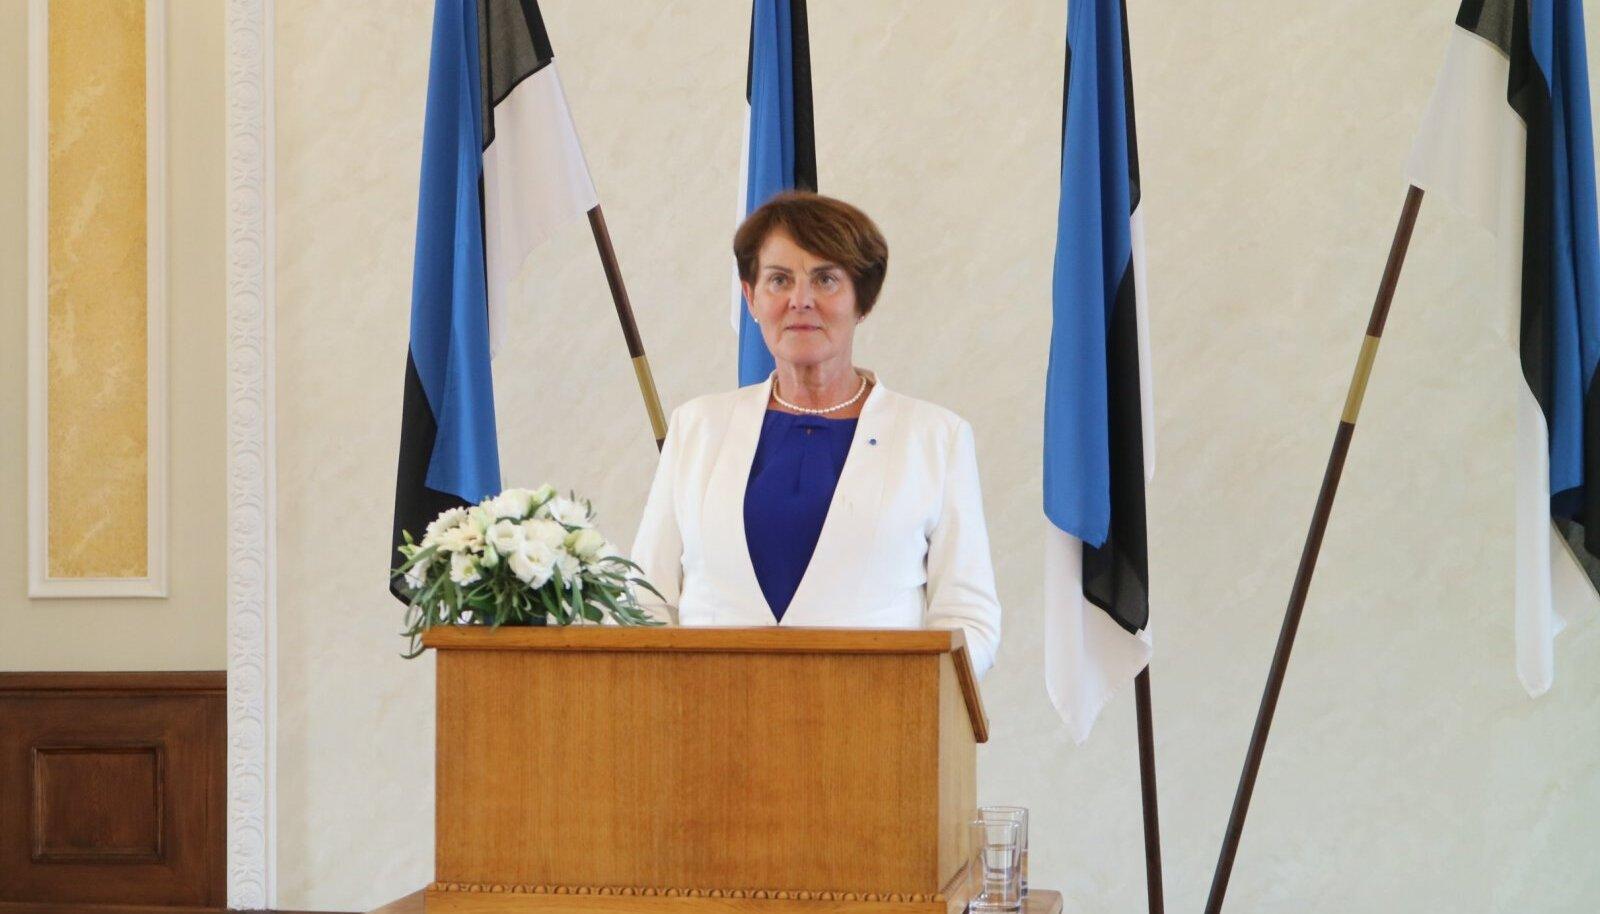 Liia Hänni kuulub 20. augusti klubisse, mis ühendab EV iseseisvuse taastamise poolt hääletanud Ülemnõukogu liikmeid.